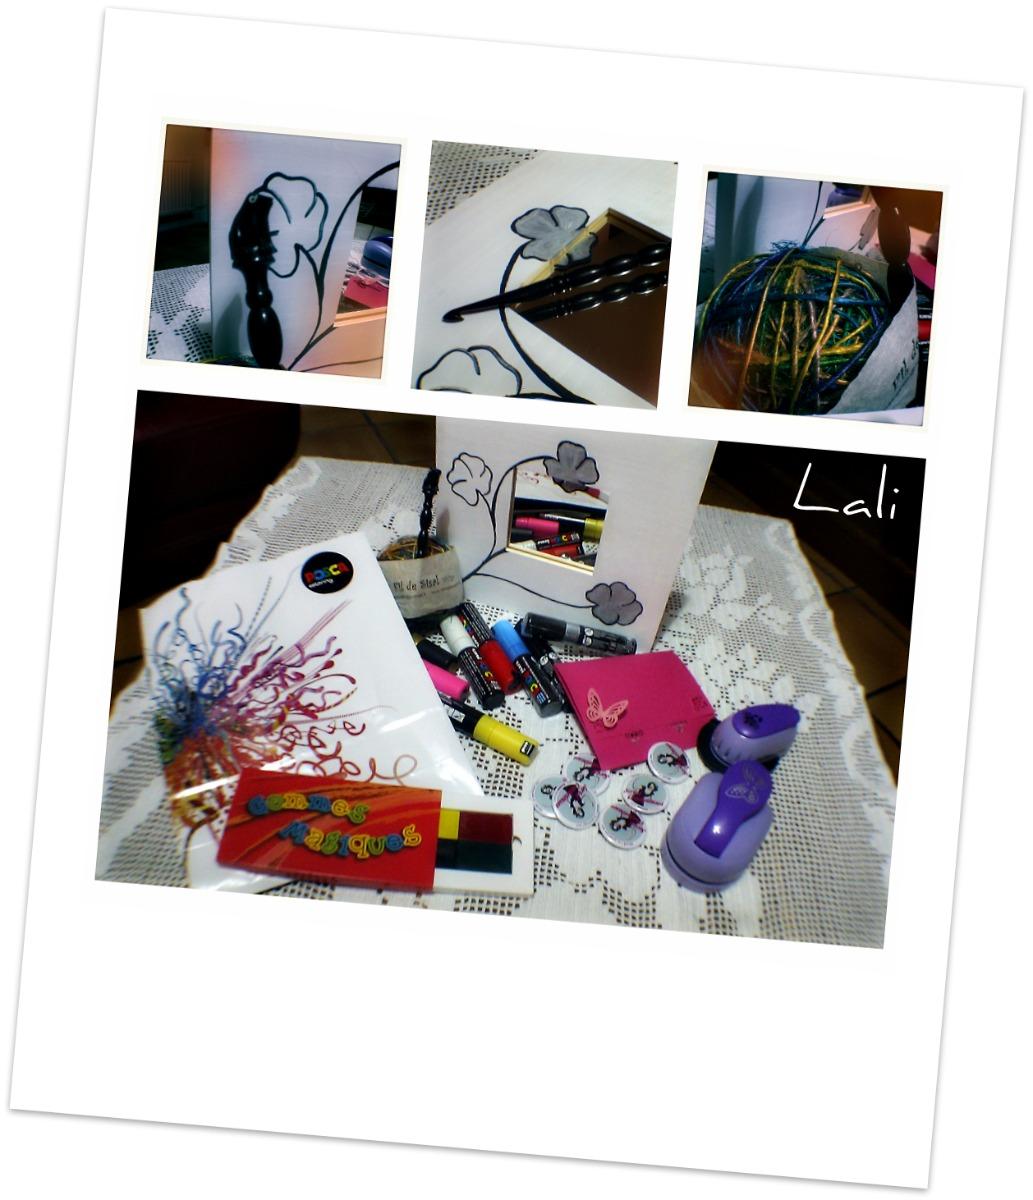 Le blog de lali salon cr ation et savoir faire 2011 - Salon creation et savoir faire ...